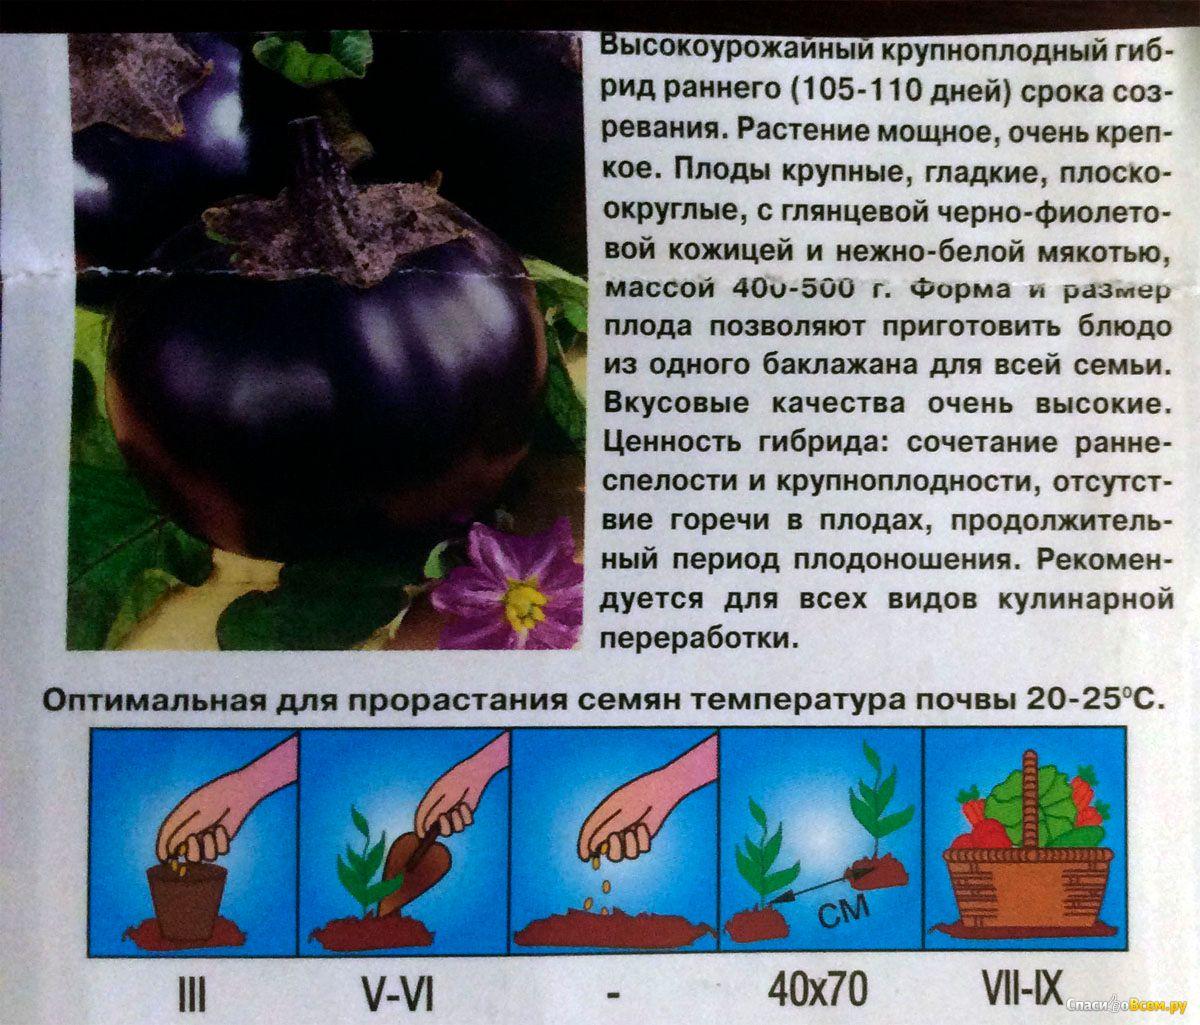 Баклажан щелкунчик — описание сорта, фото, отзывы, посадка и уход